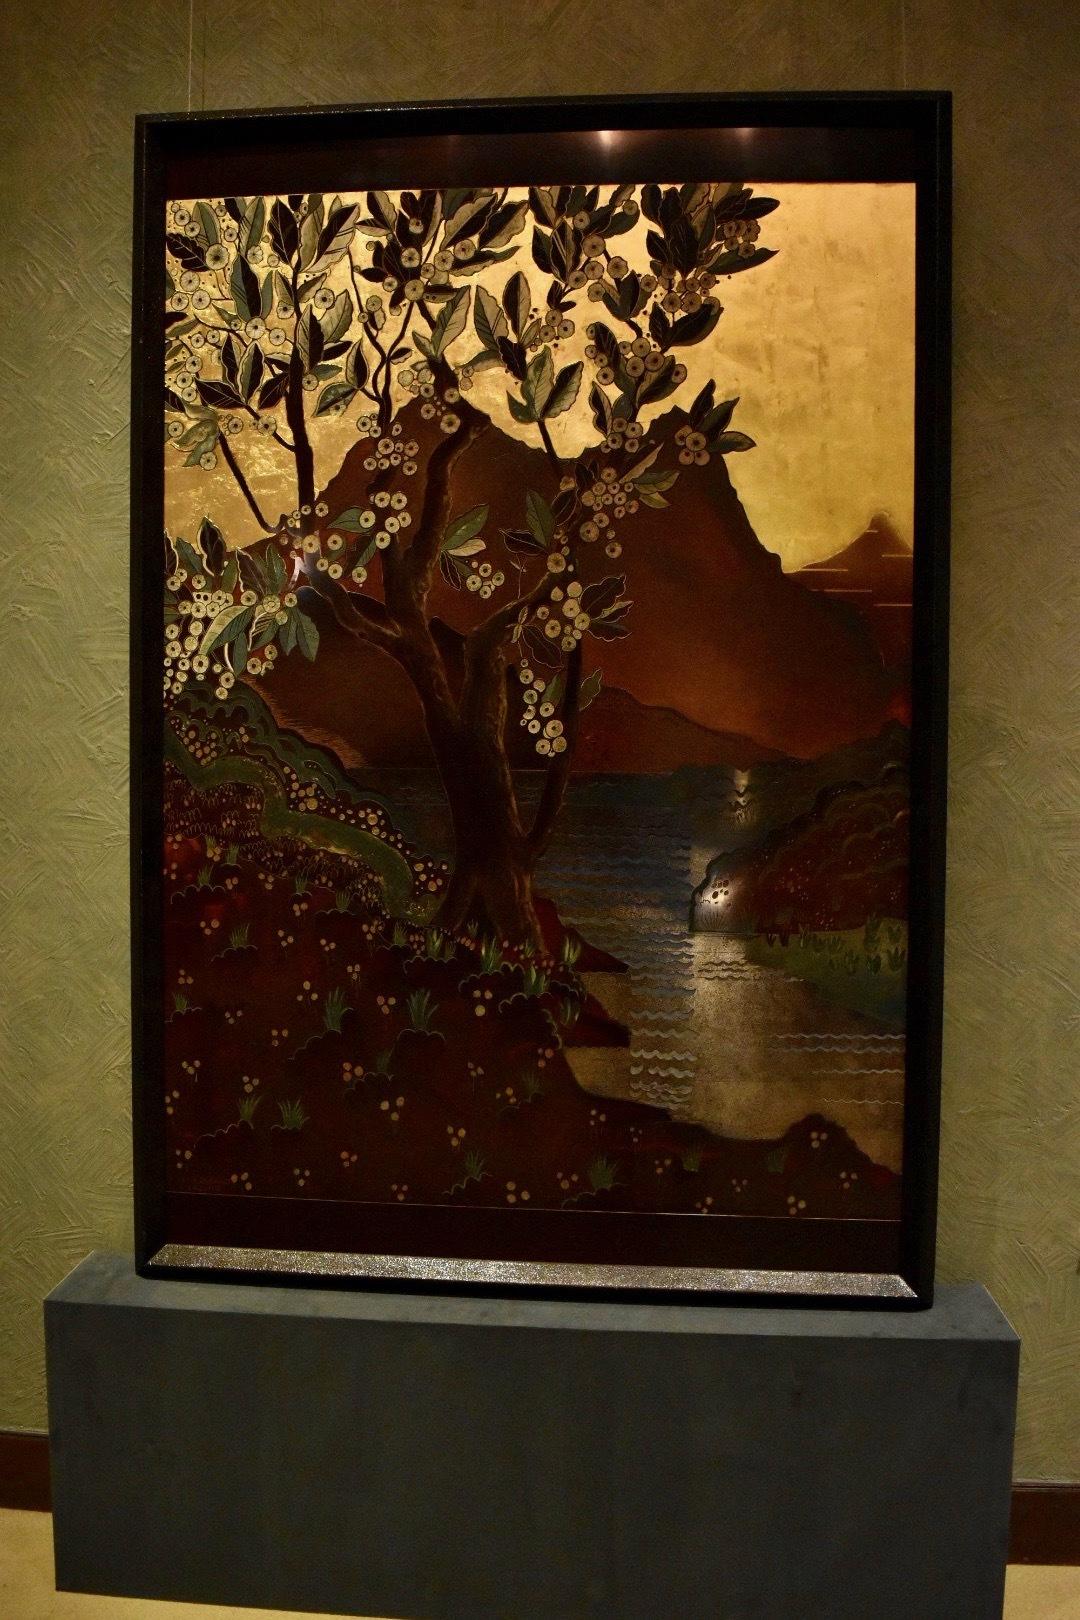 《栗の木》 ジャン・デュナン 1922年 東京国立近代美術館蔵